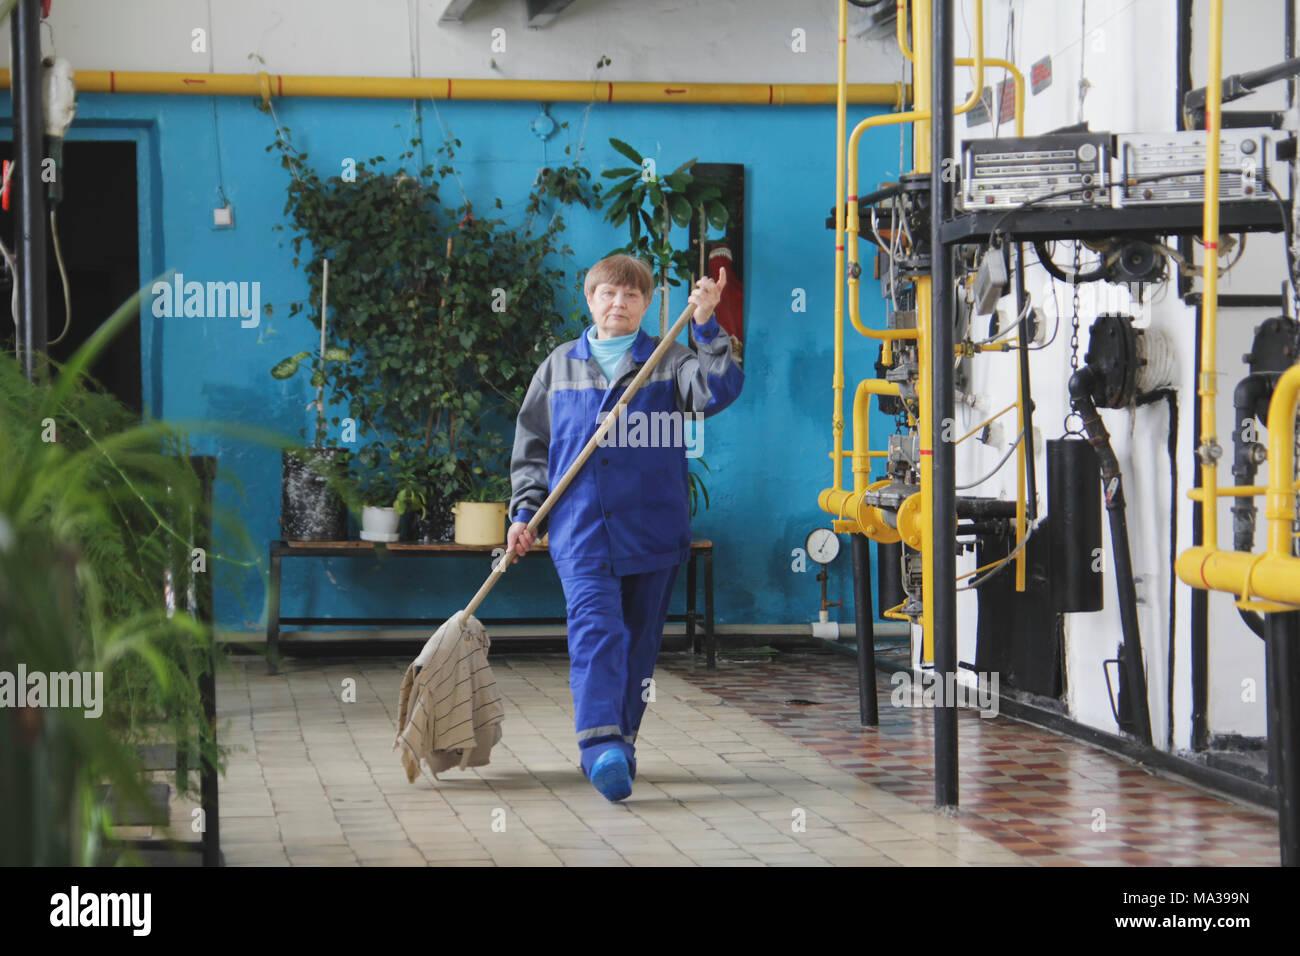 Vieille Femme nettoyant en vêtements de travail sur site de fabrication Photo Stock